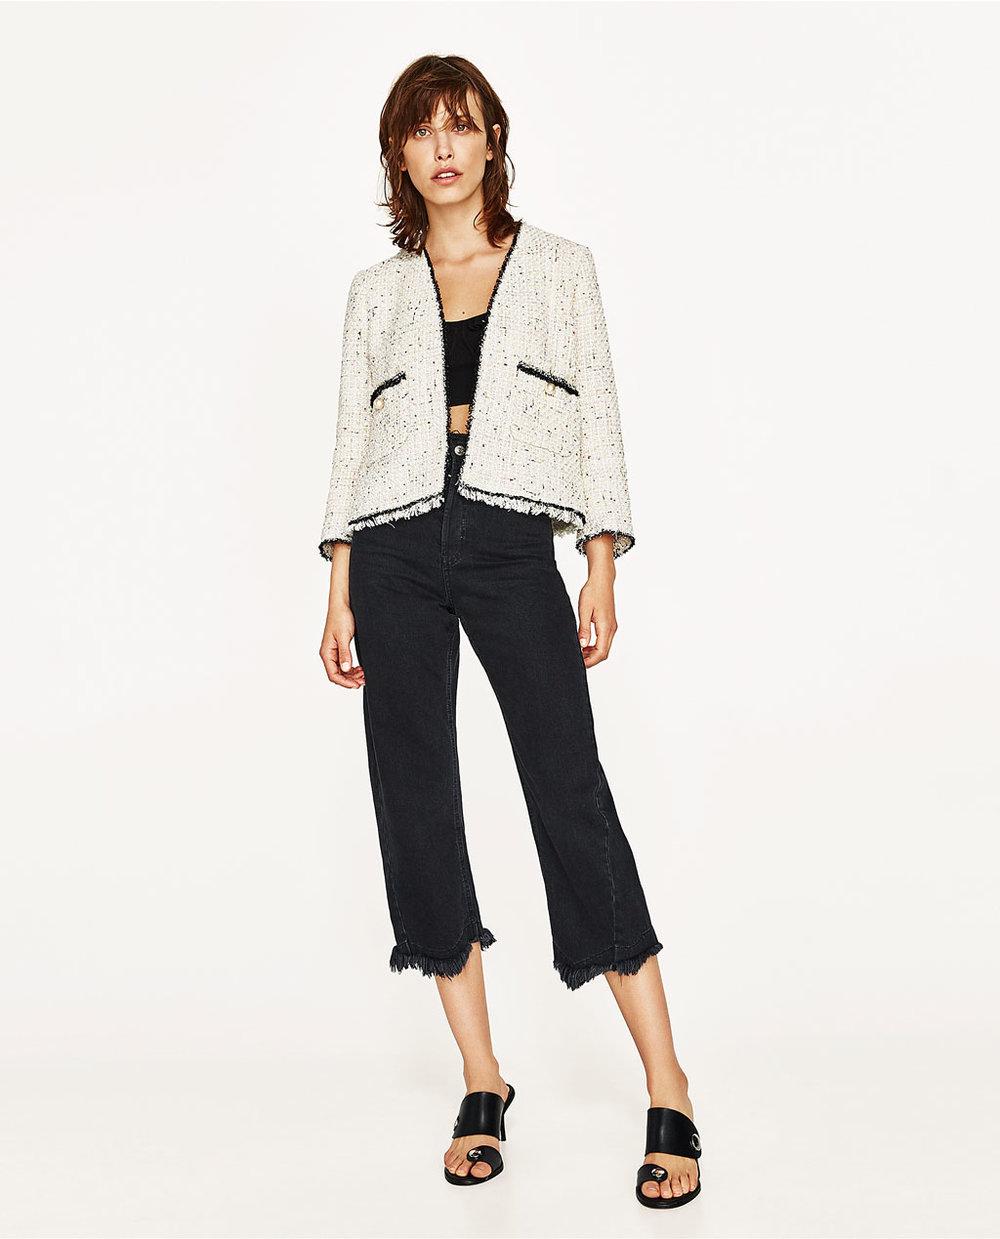 Sequinned Tweed Jacket, $129